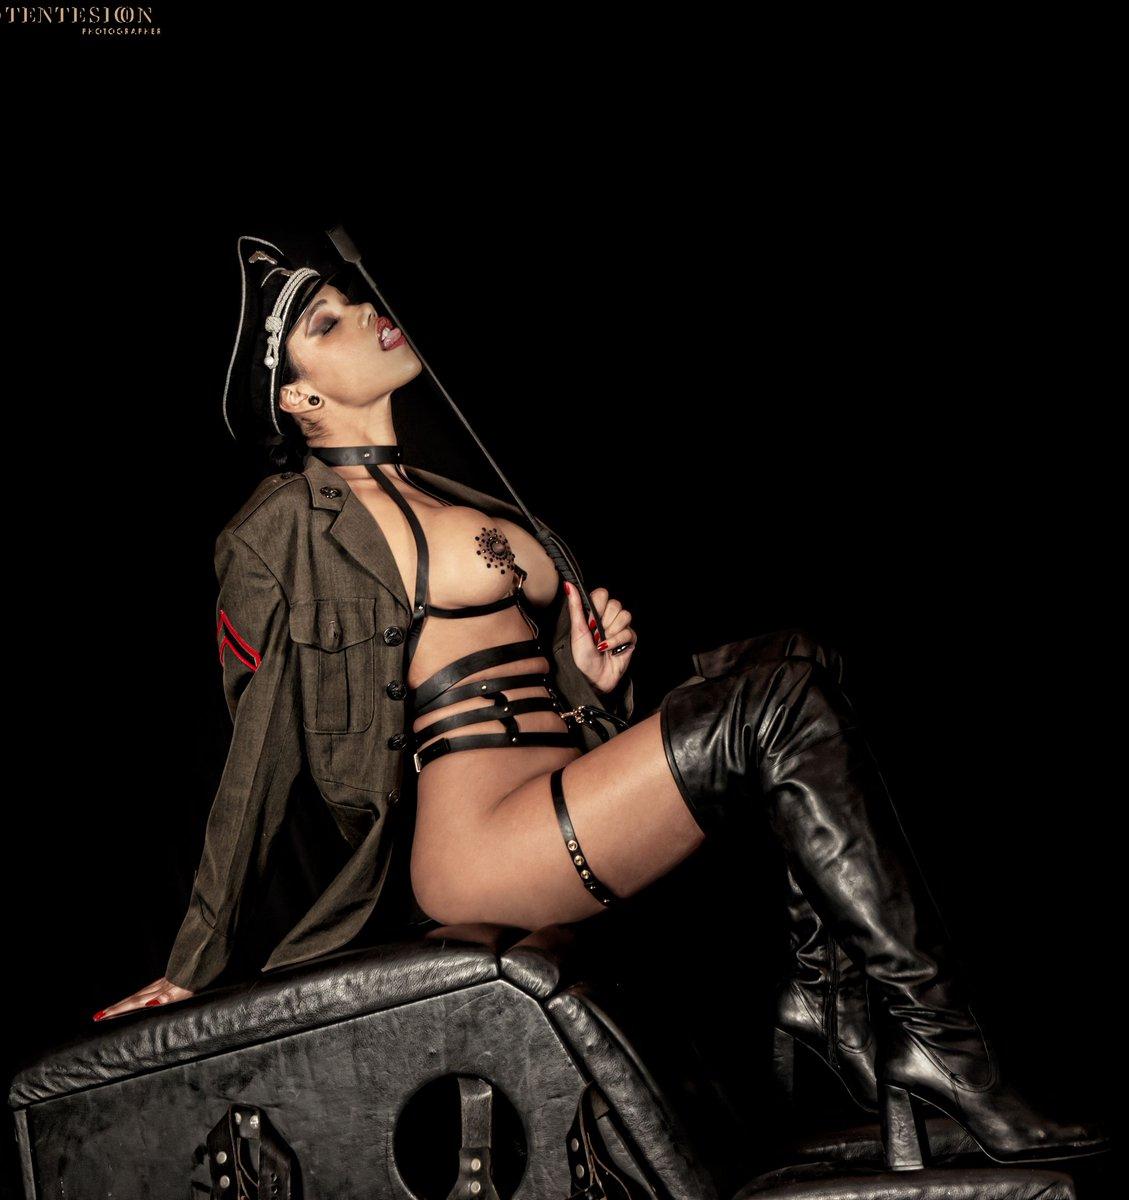 bisex πορνό κανάλι ζεστό υγρό μαύρο πορνό